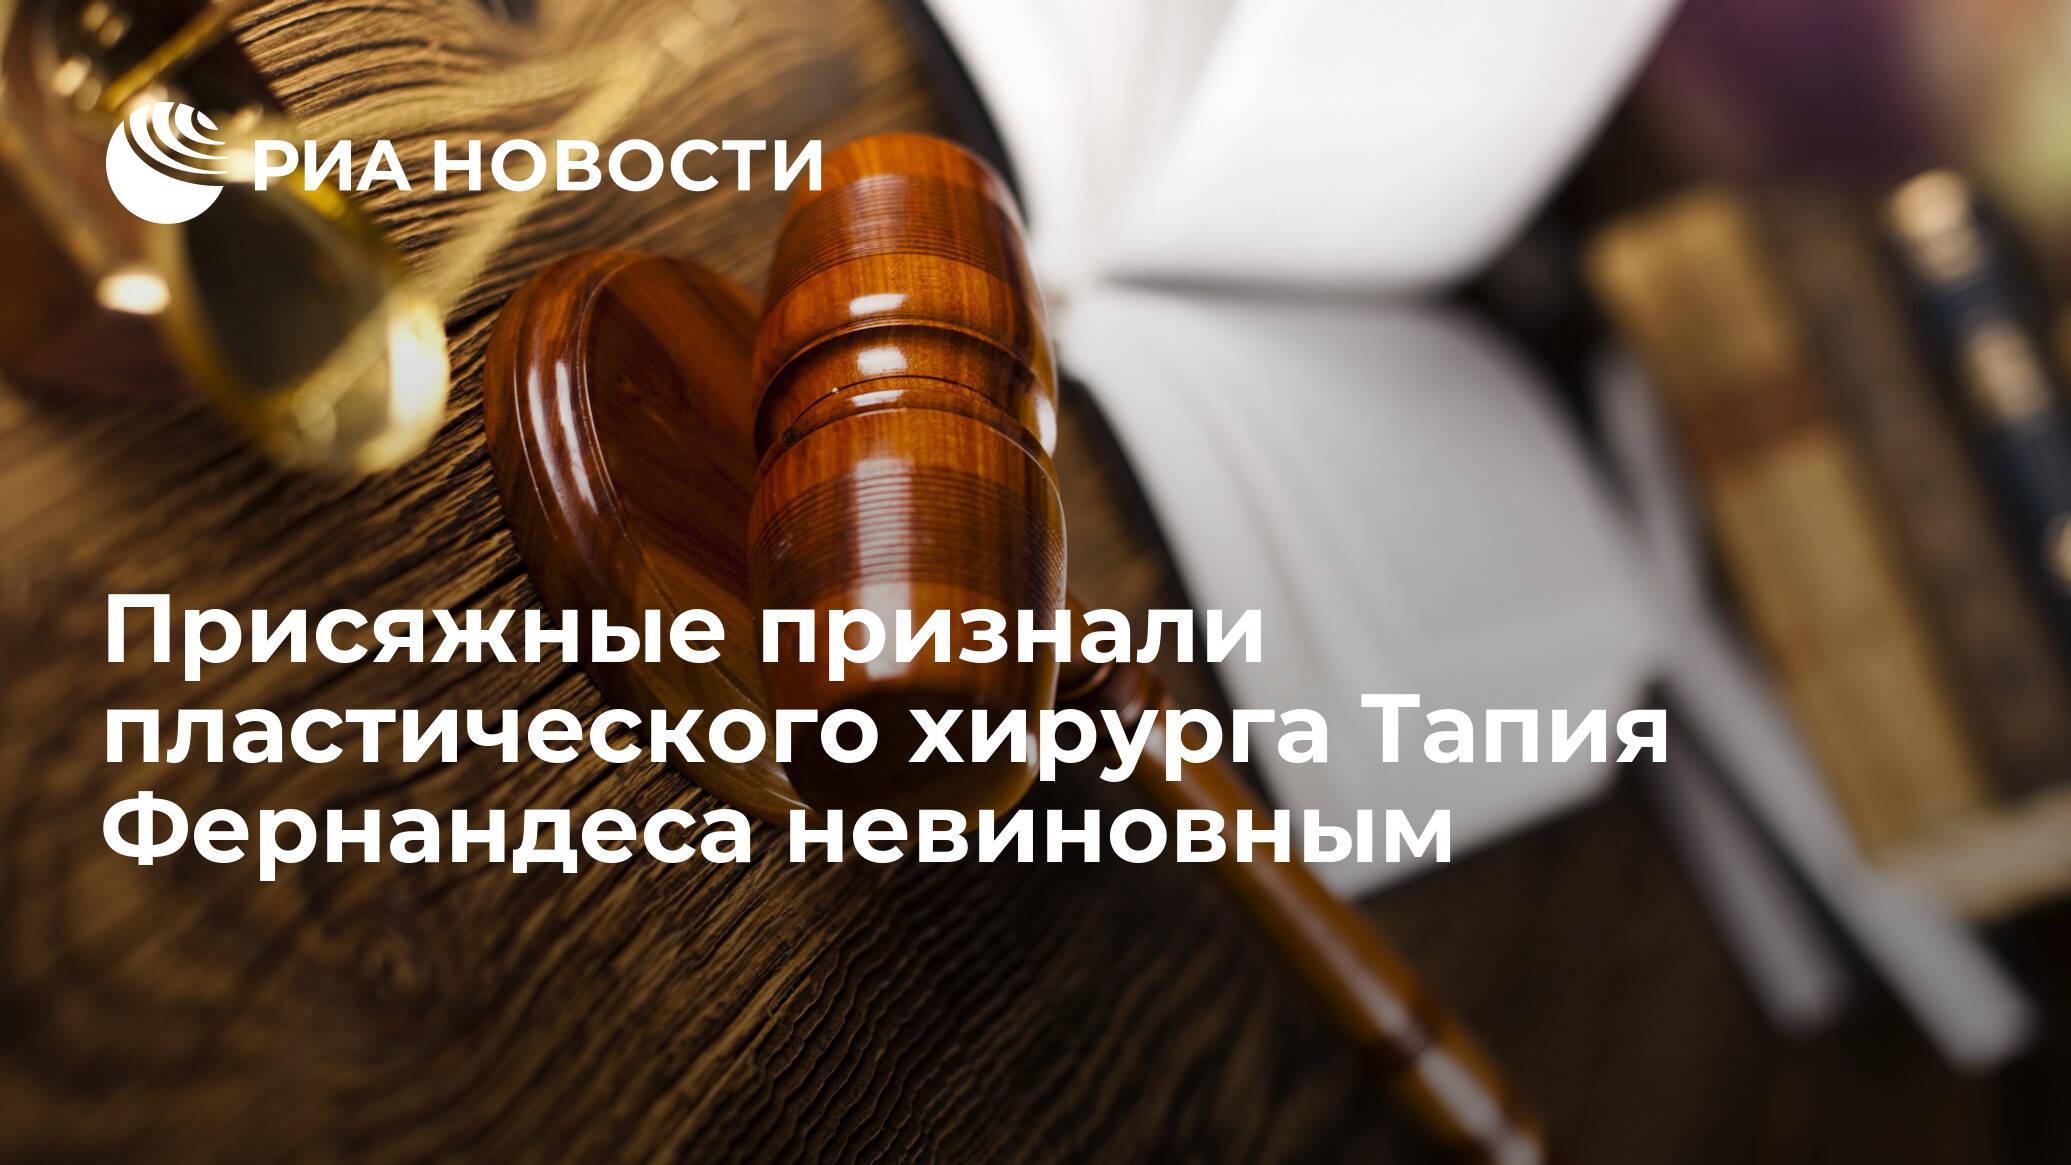 Супруга «звездного хирурга» Владимира Тапия, обвинившая его в ...   583x1036